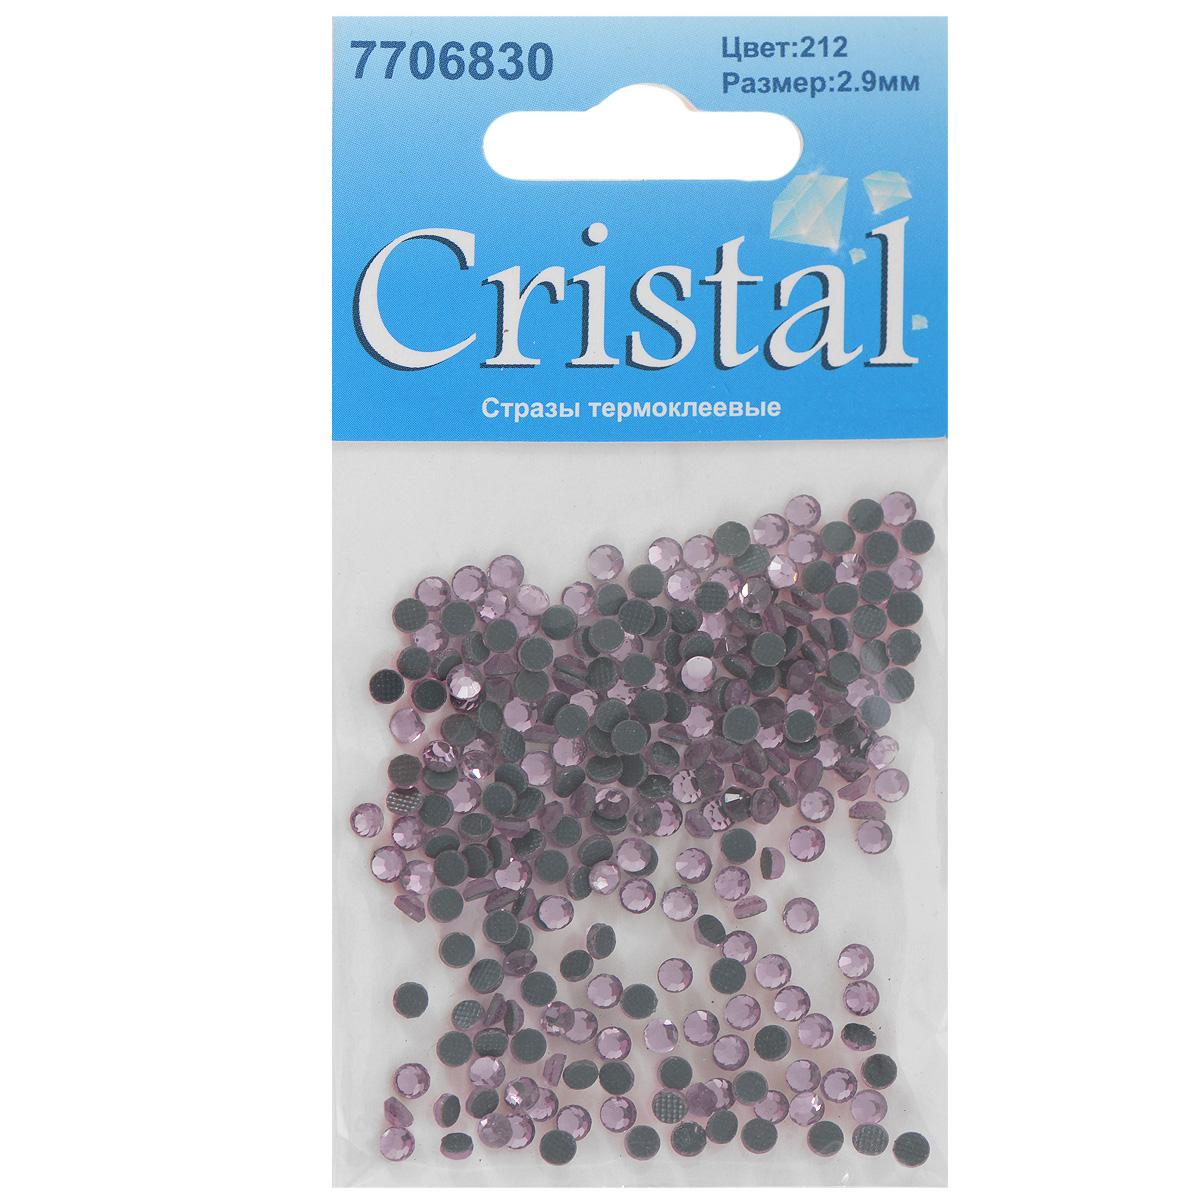 Стразы термоклеевые Cristal, цвет: бледно-розовый (212), диаметр 2,9 мм, 288 шт7706830_212Набор термоклеевых страз Cristal, изготовленный из высококачественного акрила, позволит вам украсить одежду, аксессуары или текстиль. Яркие стразы имеют плоское дно и круглую поверхность с гранями.Дно термоклеевых страз уже обработано особым клеем, который под воздействием высоких температур начинает плавиться, приклеиваясь, таким образом, к требуемой поверхности. Чаще всего их используют в текстильной промышленности: стразы прикладывают к ткани и проглаживают утюгом с обратной стороны. Также можно использовать специальный паяльник. Украшение стразами поможет сделать любую вещь оригинальной и неповторимой. Диаметр страз: 2,9 мм.